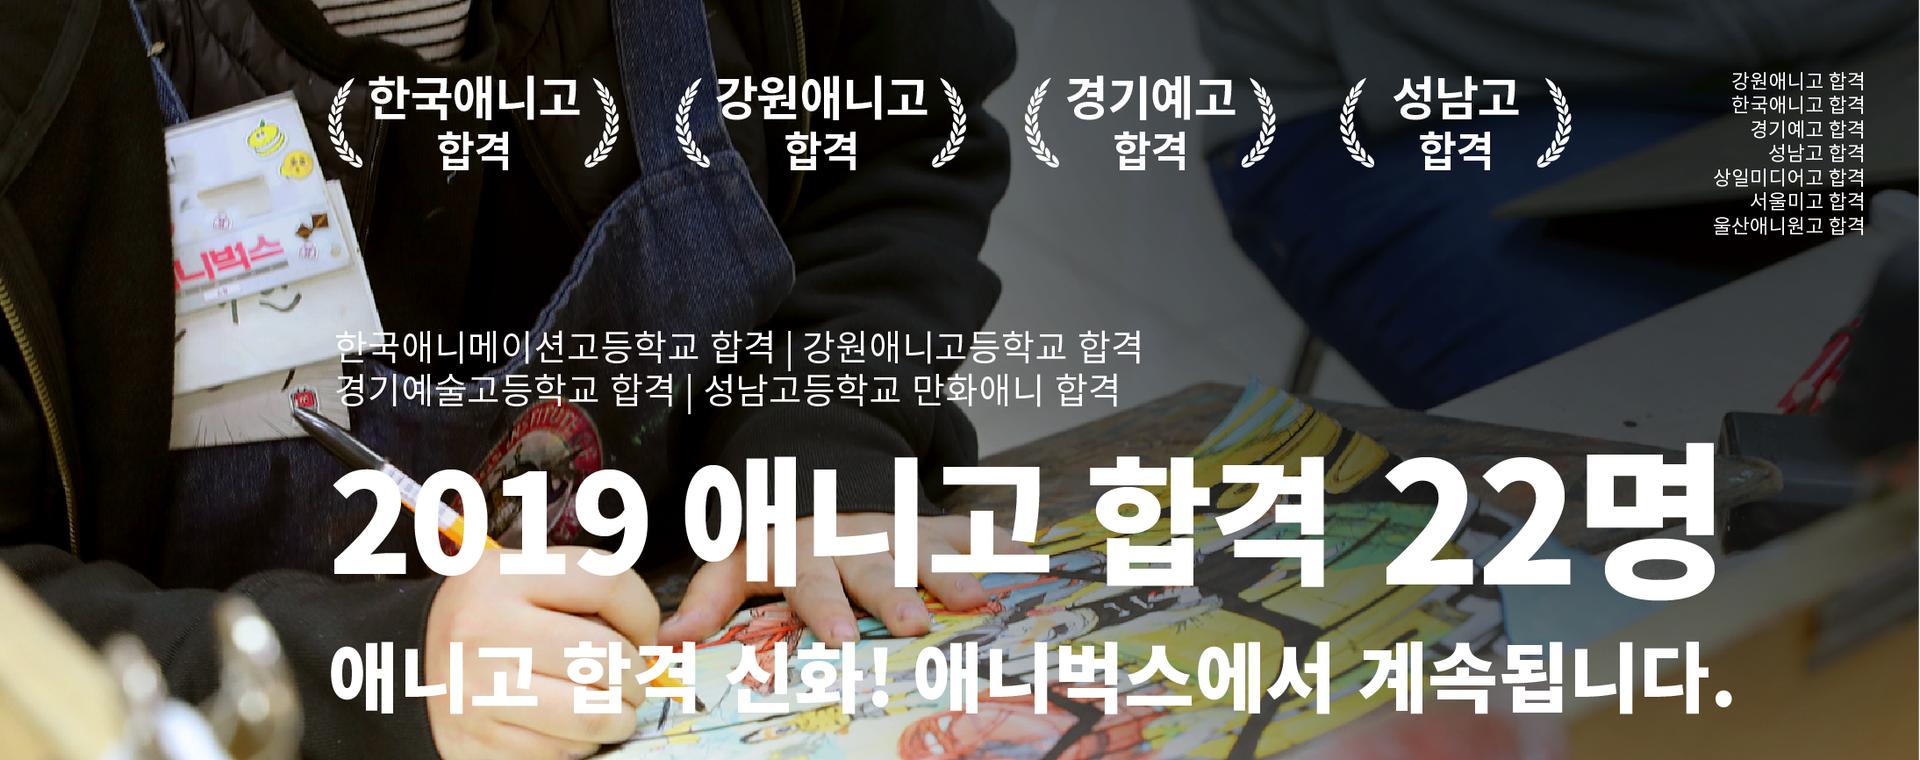 애니벅스_애니고_합격생_인터뷰